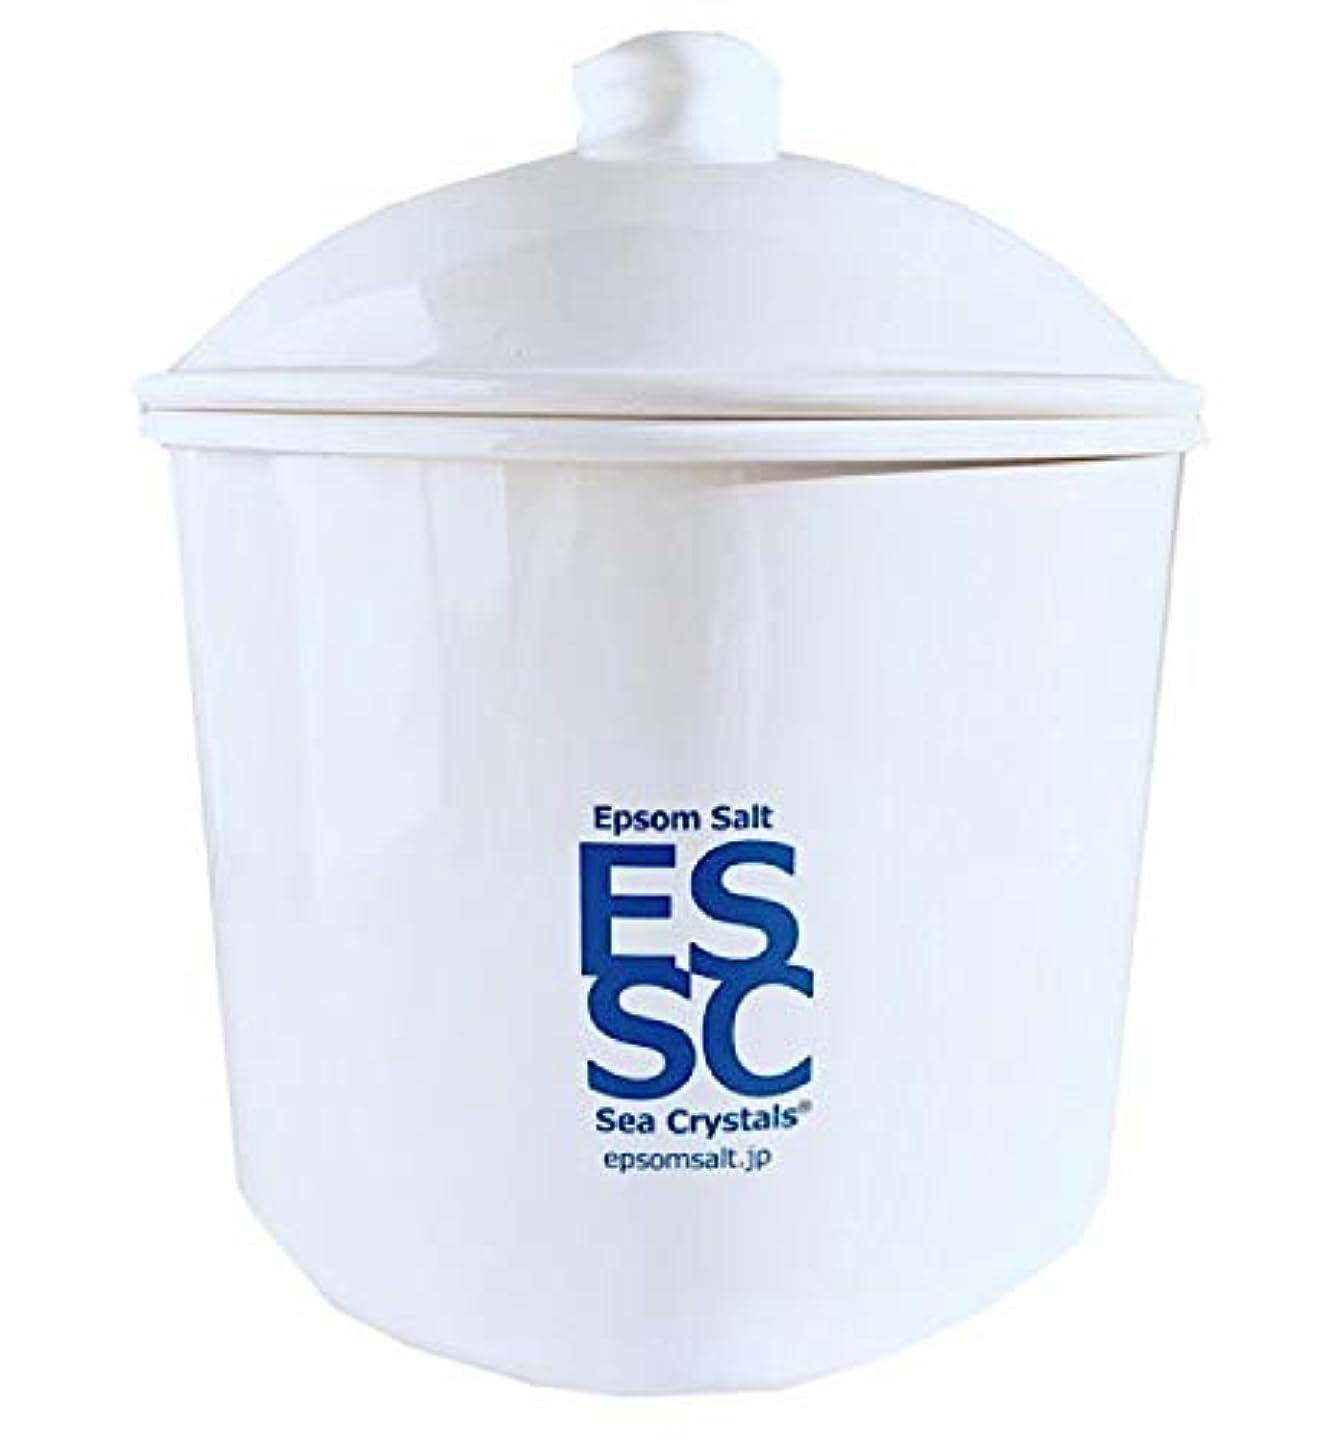 連合軌道苦情文句シークリスタルス 国産 エプソムソルト 入浴剤 ケース入り2.2kg 約14回分 計量スプーン付き 無香料 硫酸マグネシウム